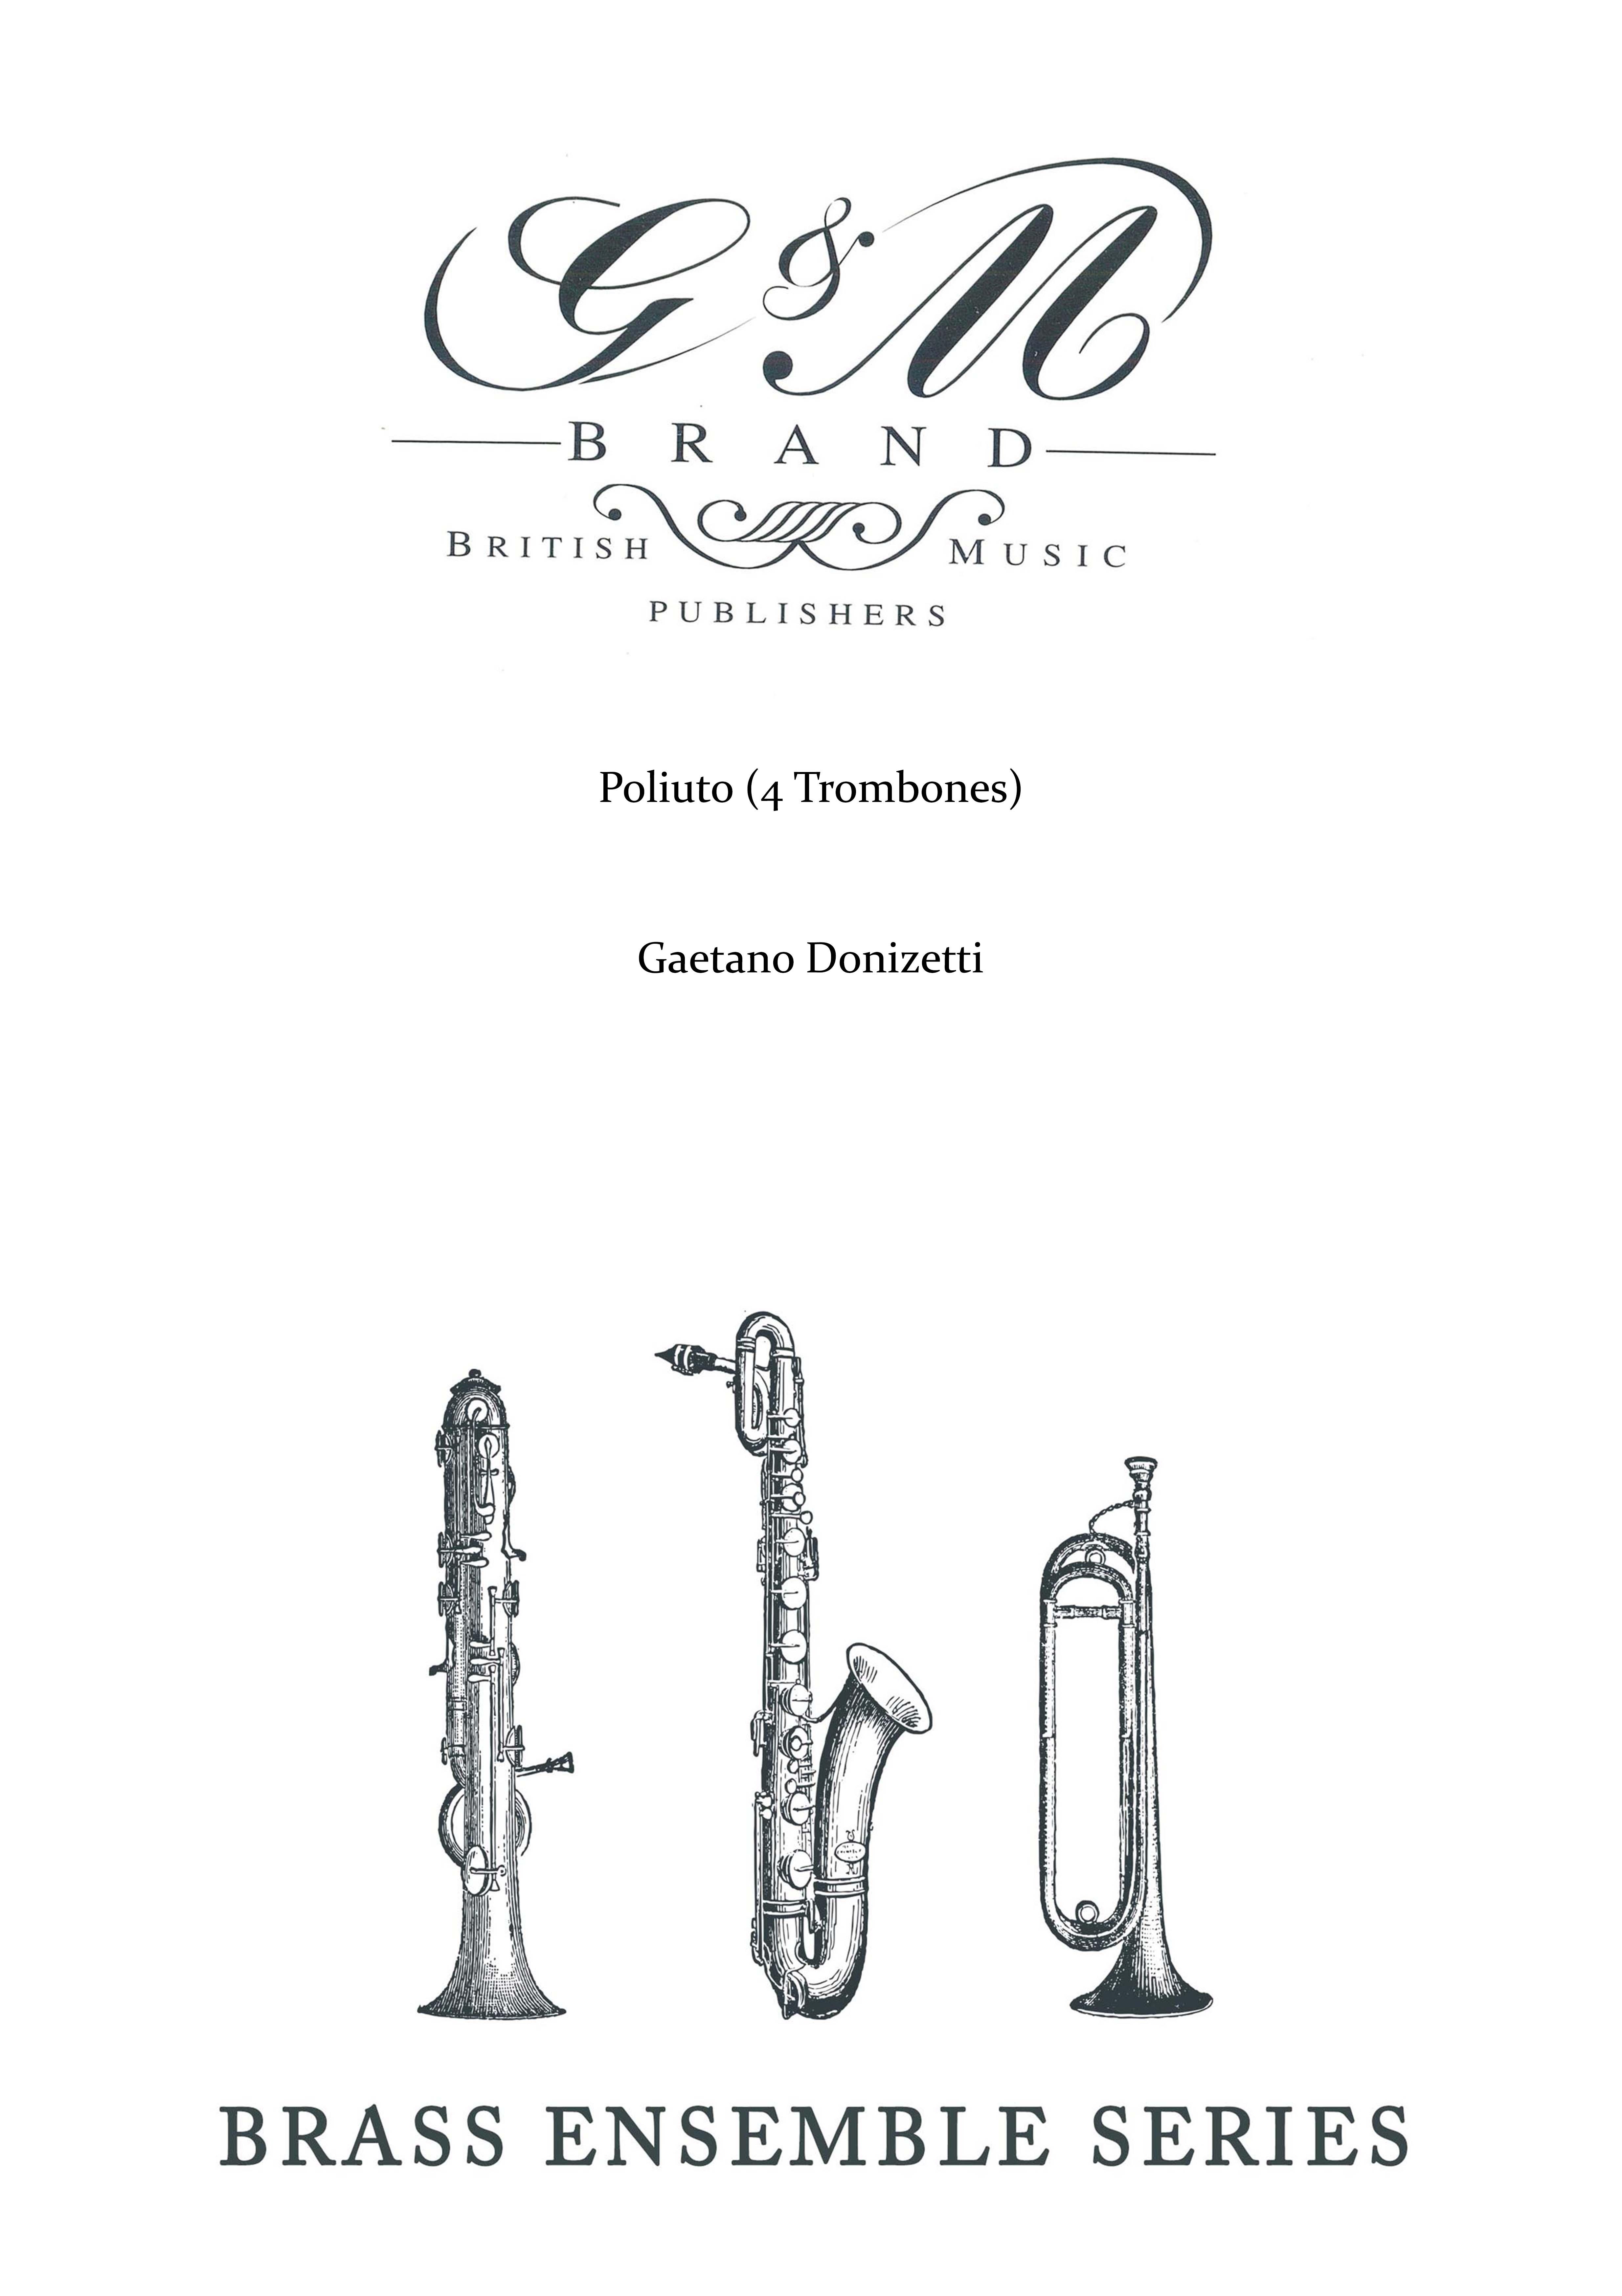 Poliuto (4 Trombones)